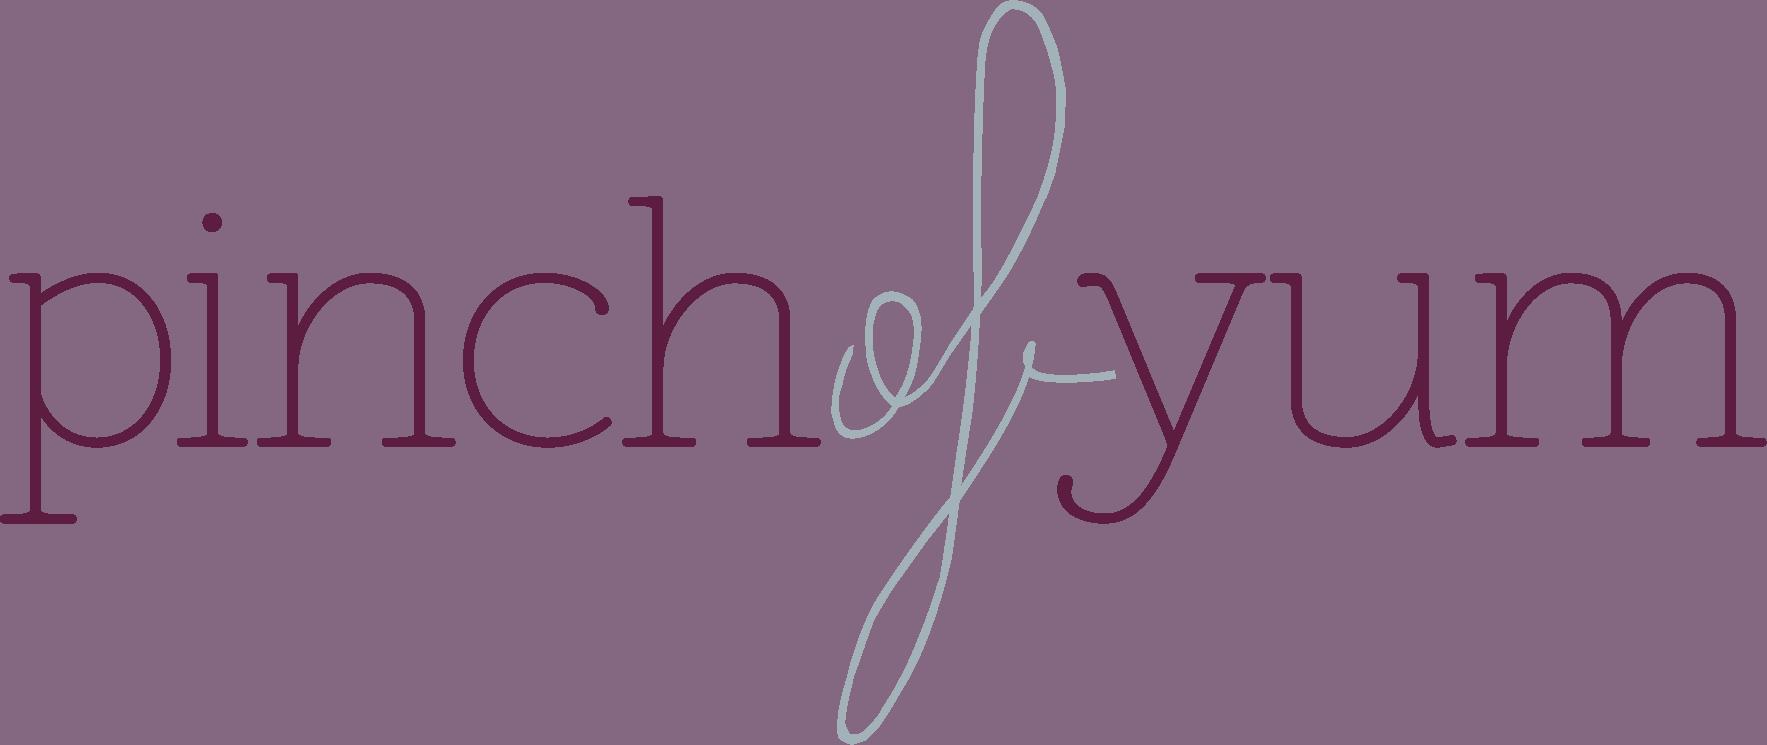 Pinch of Yum - отзывы, цена, альтернативы (аналоги, конкуренты), бесплатные лимиты, функционал, сравнения